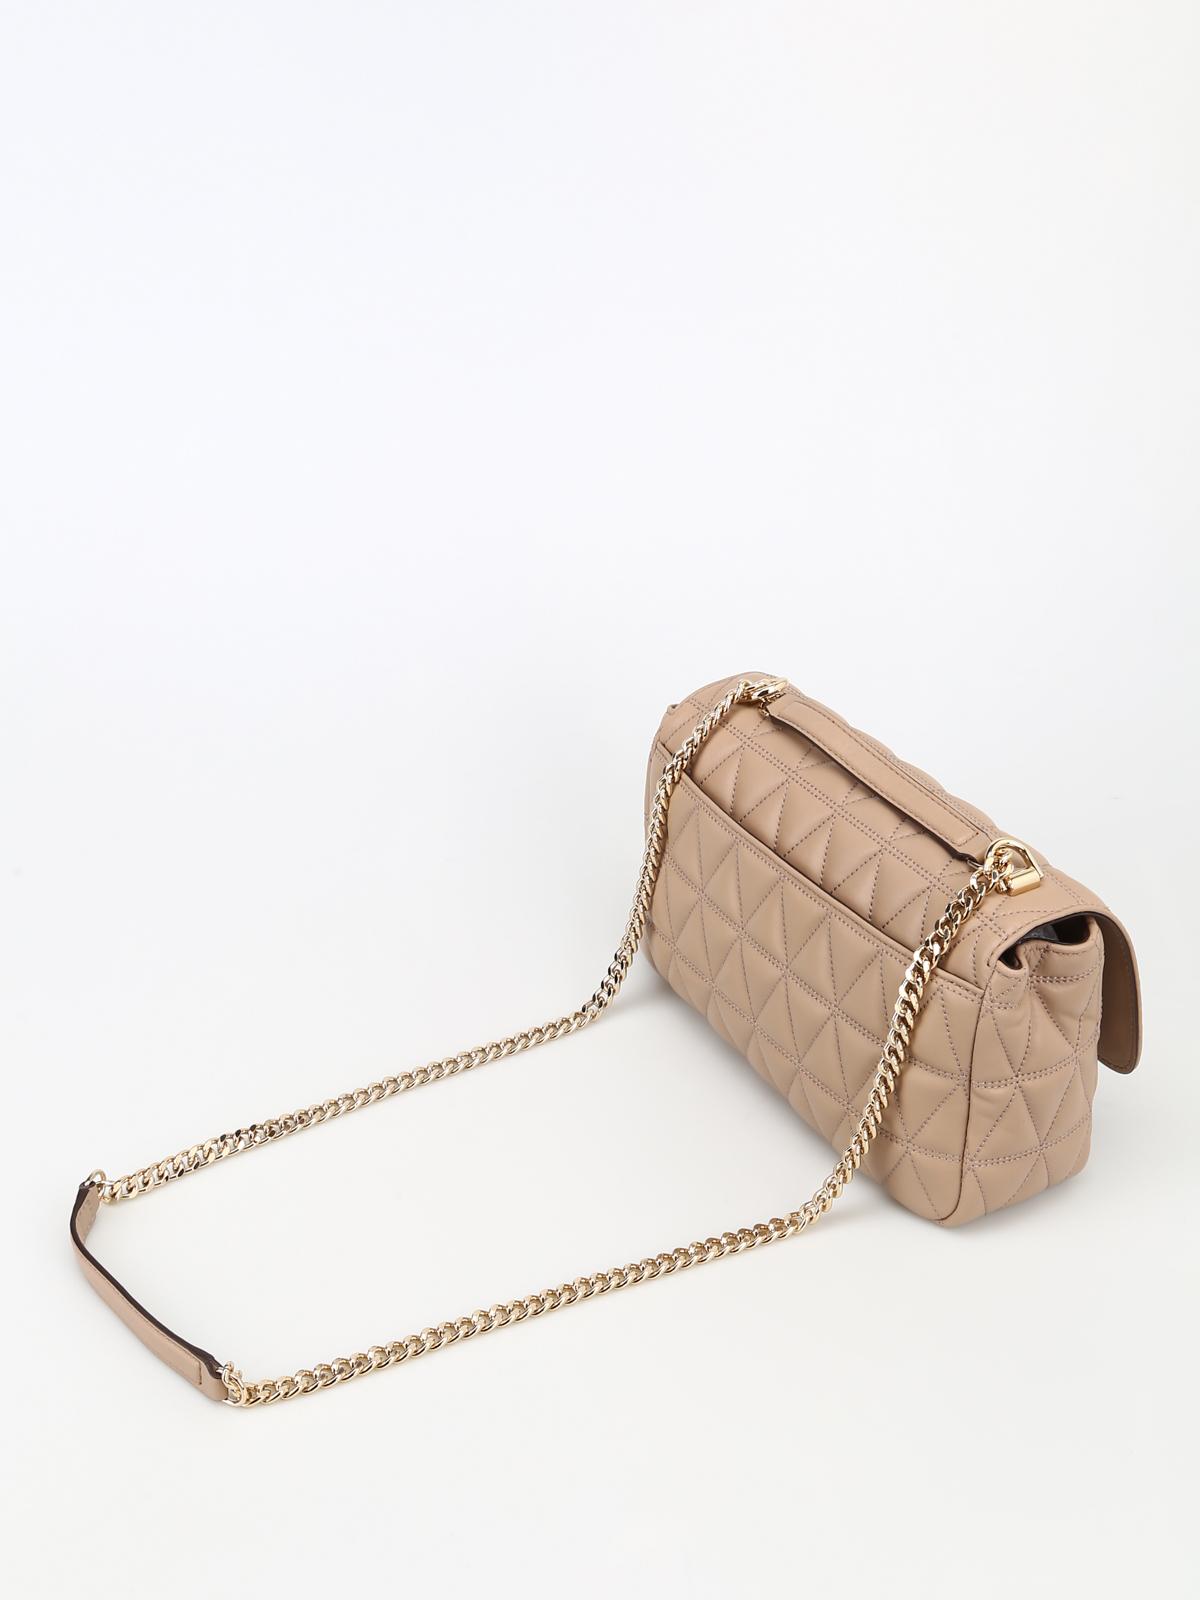 0f9ce75cd59a iKRIX MICHAEL KORS  shoulder bags - Sloan large diamond quilted shoulder bag